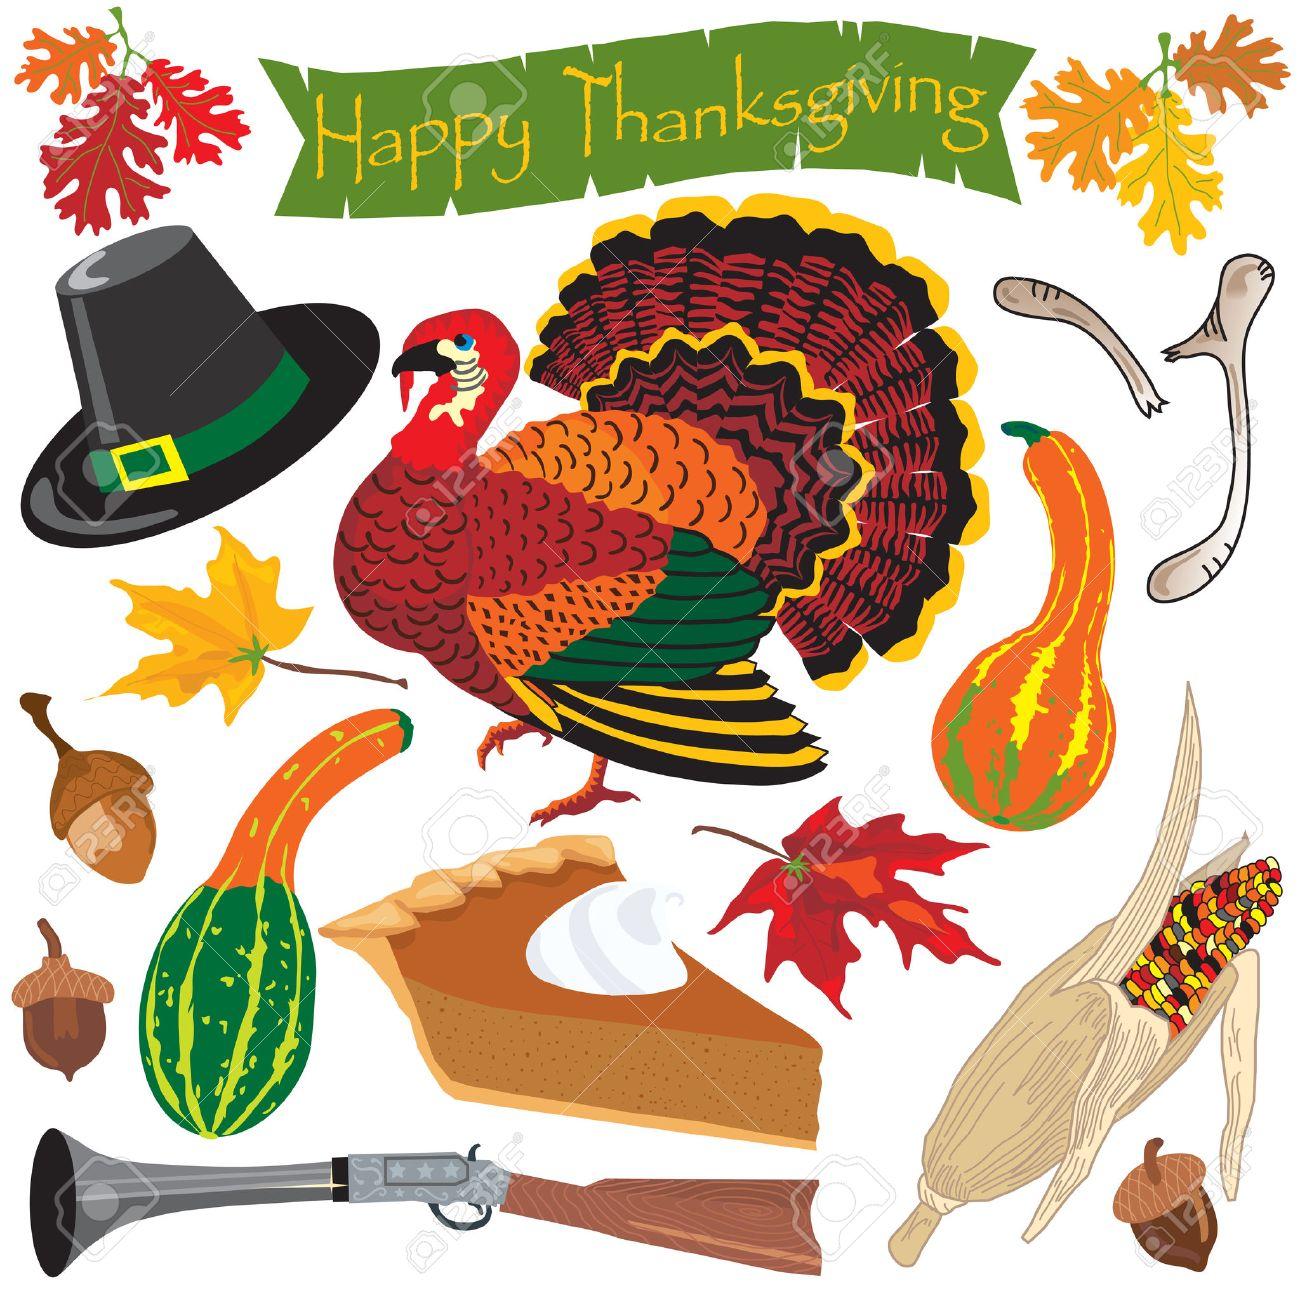 Thanksgiving Cliparts Symbole Und Elemente Für Den Herbst Lizenzfrei